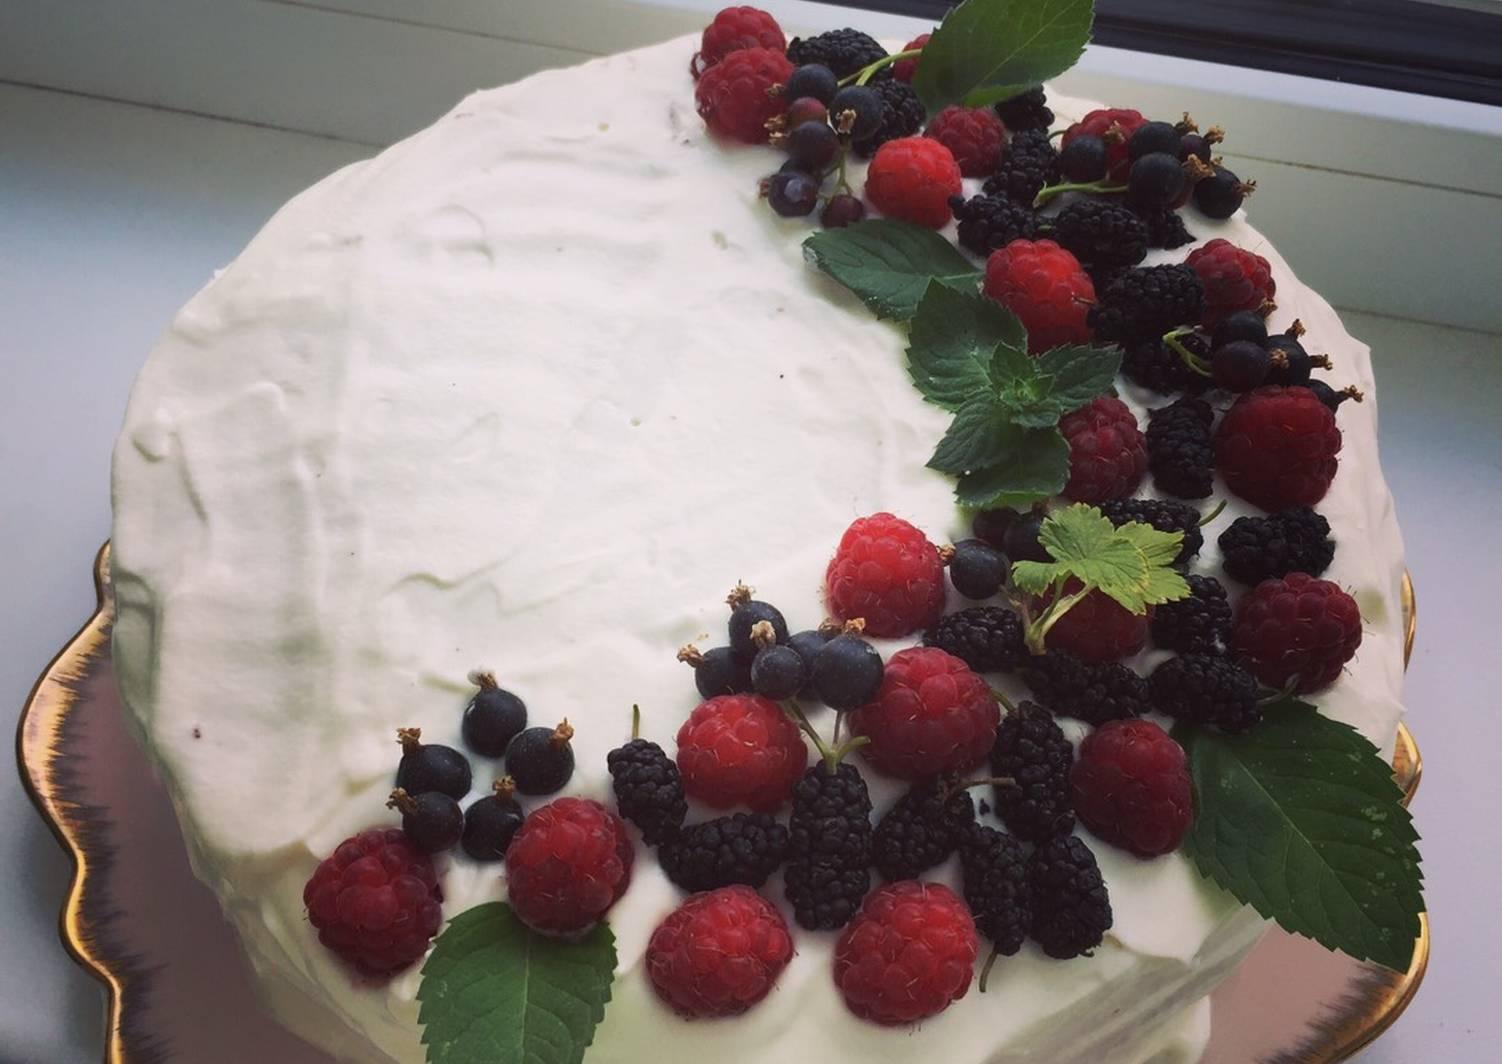 управление торт анжелика рецепт с фото улице, беря